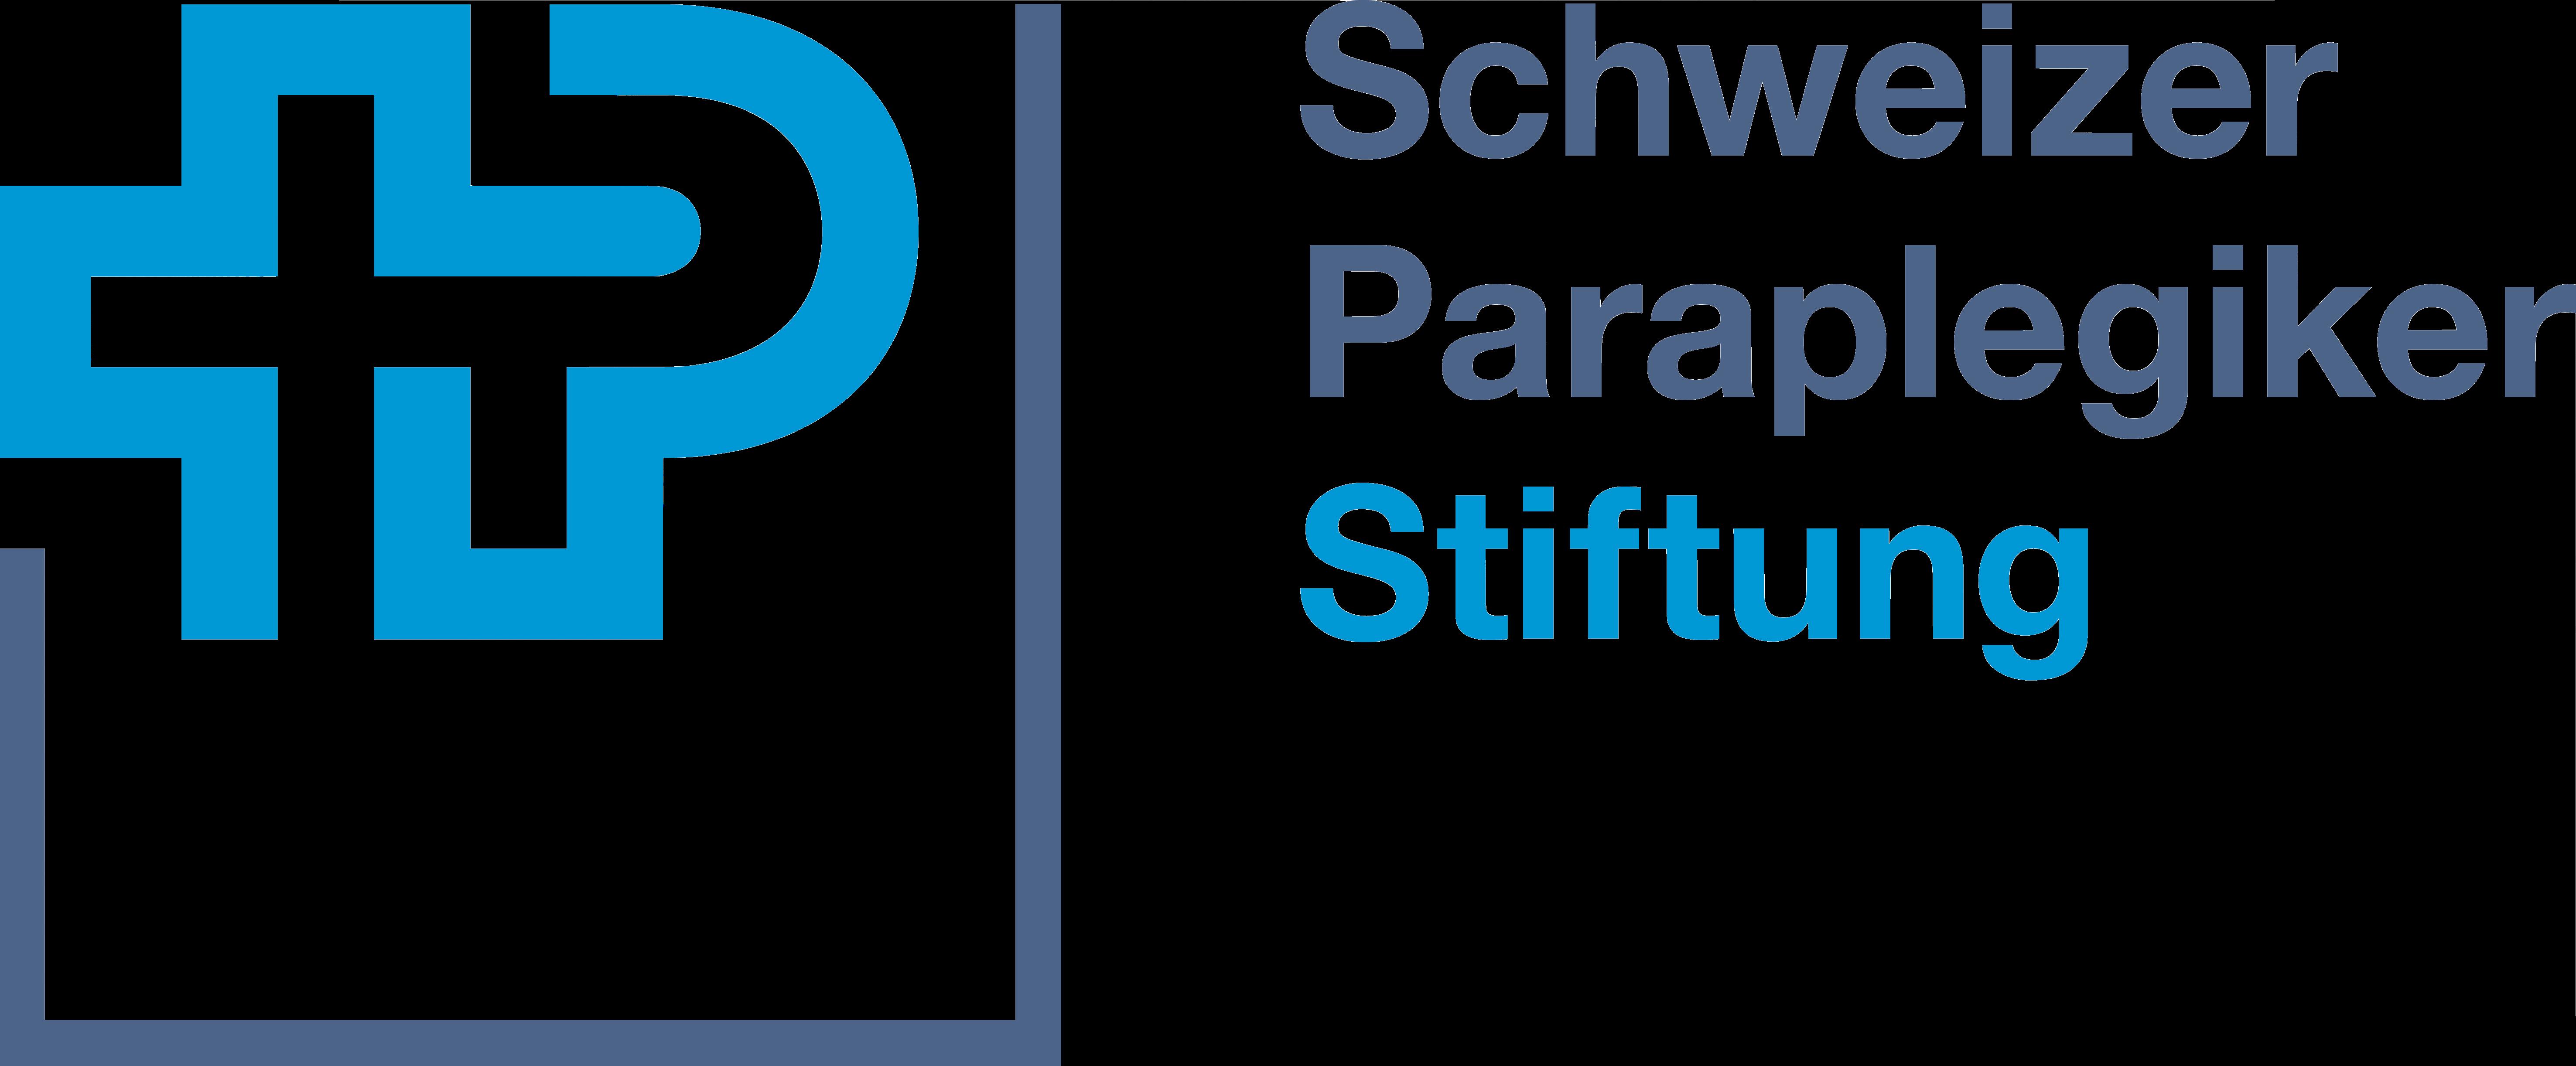 GP-Challenge 2020 - no legs no limits the sailing challenge gibraltar palermo catamaran lars kyprian rüdiger böhm Schweizer Paraplegiker Stiftung Silber Sponsor